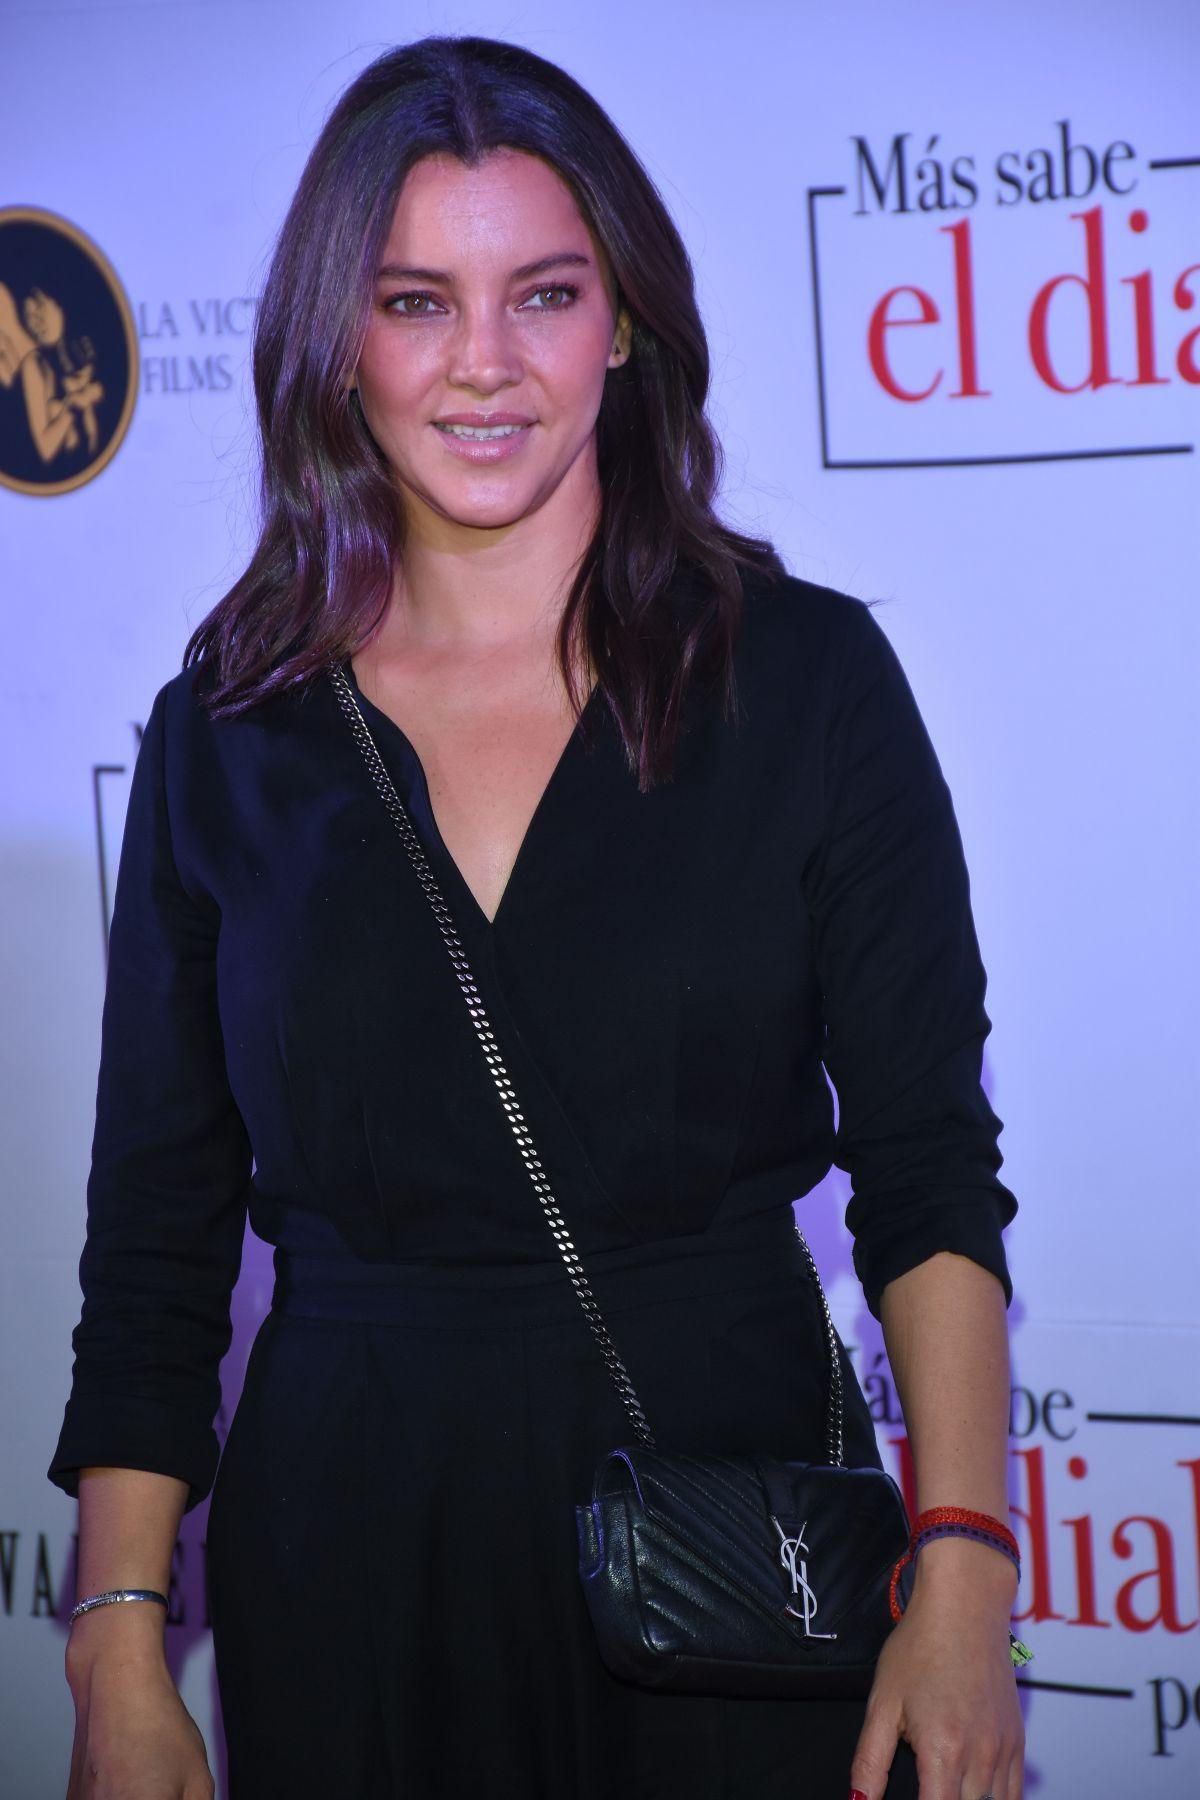 SARA MALDONADO at Mas Sabe El Diablo Por Viejo Premiere in